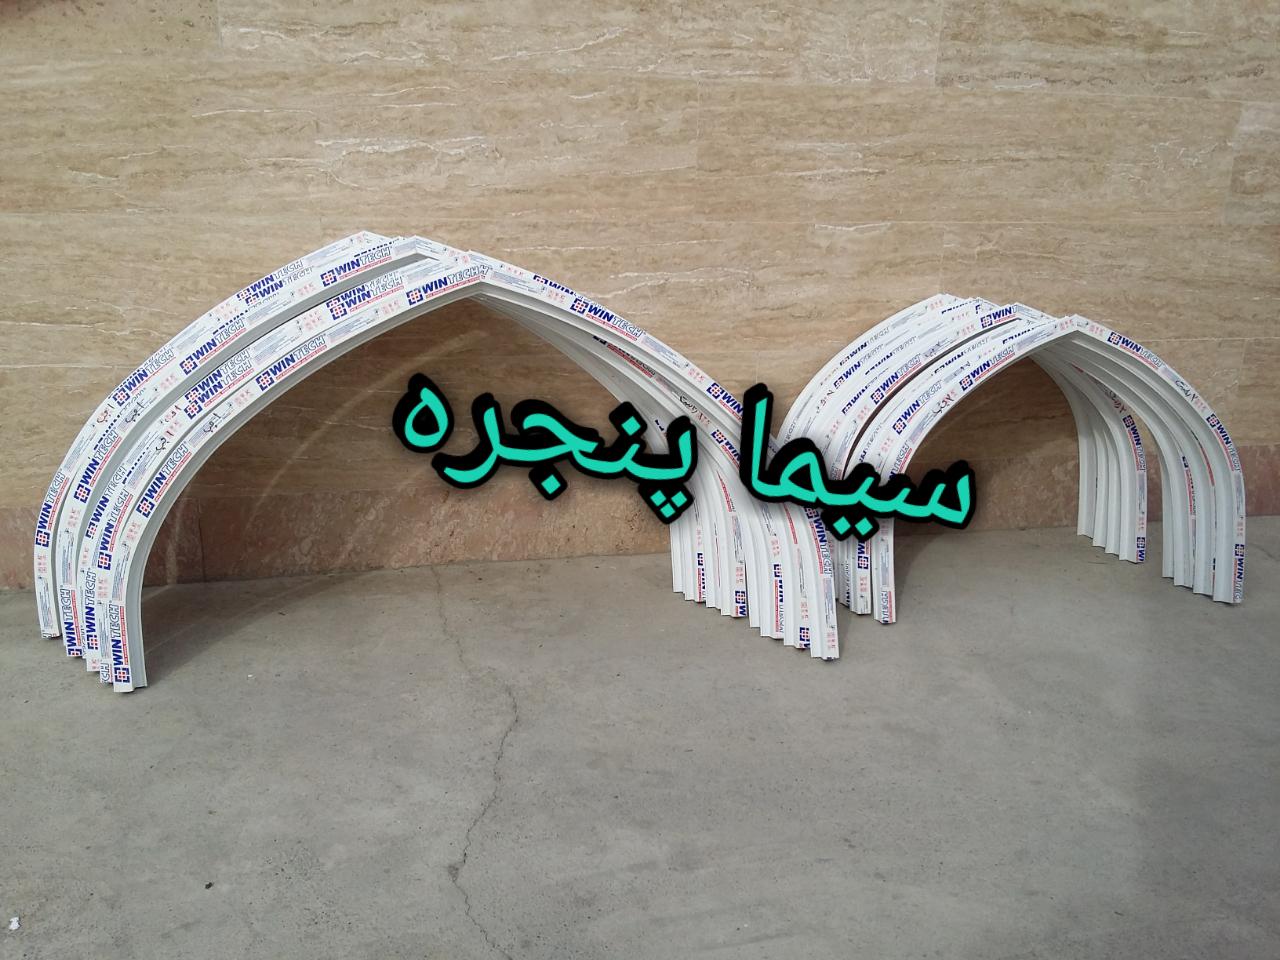 خم گنبدی - خم مسجدی پروفیل یو پی وی سی  upvc - خم گنبدی خم مسجدی خم دایره ای خم گرد منحنی انحنا قوس زاویه شکل خاصUPgb